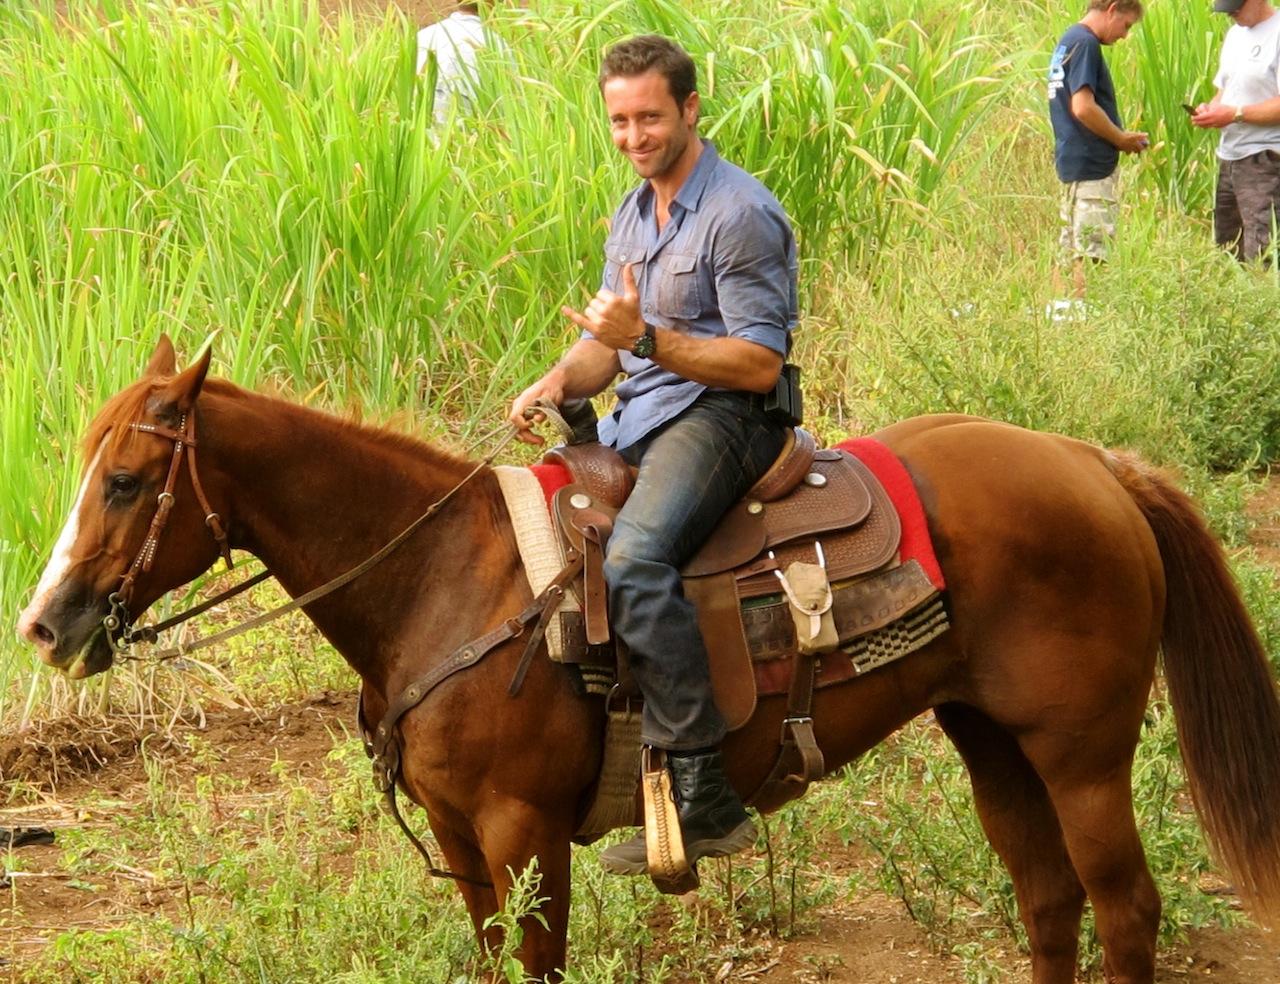 Alex on a Horse